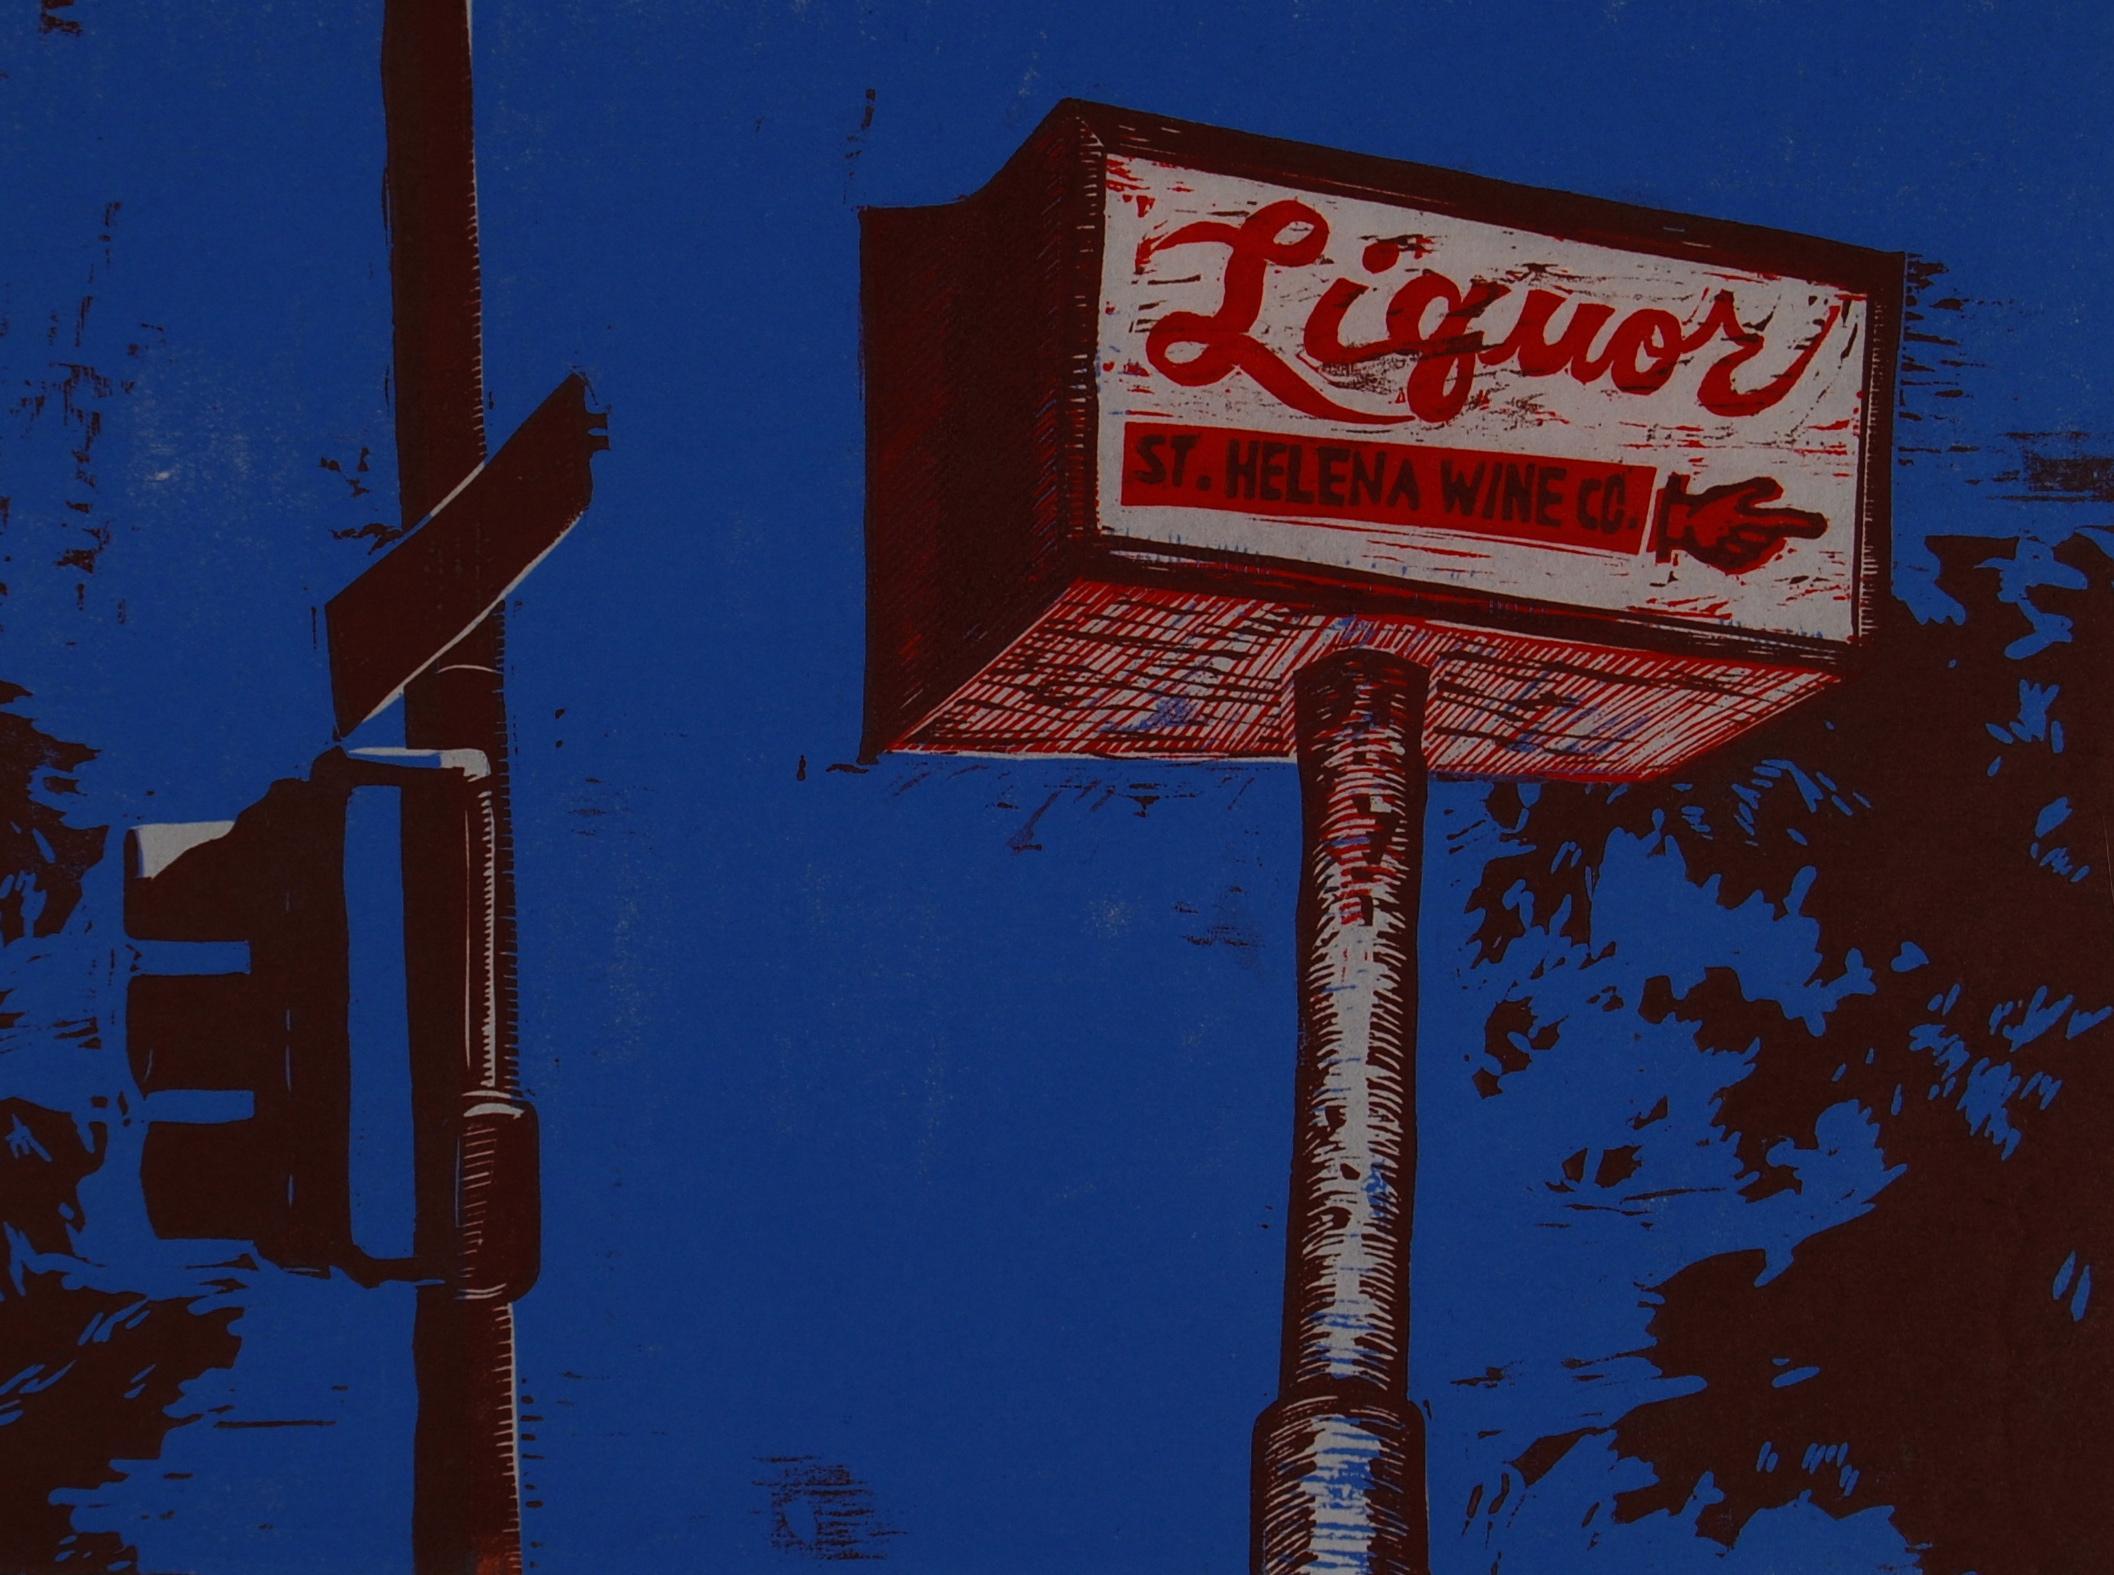 St. Helena Liquor woodcut print 2007